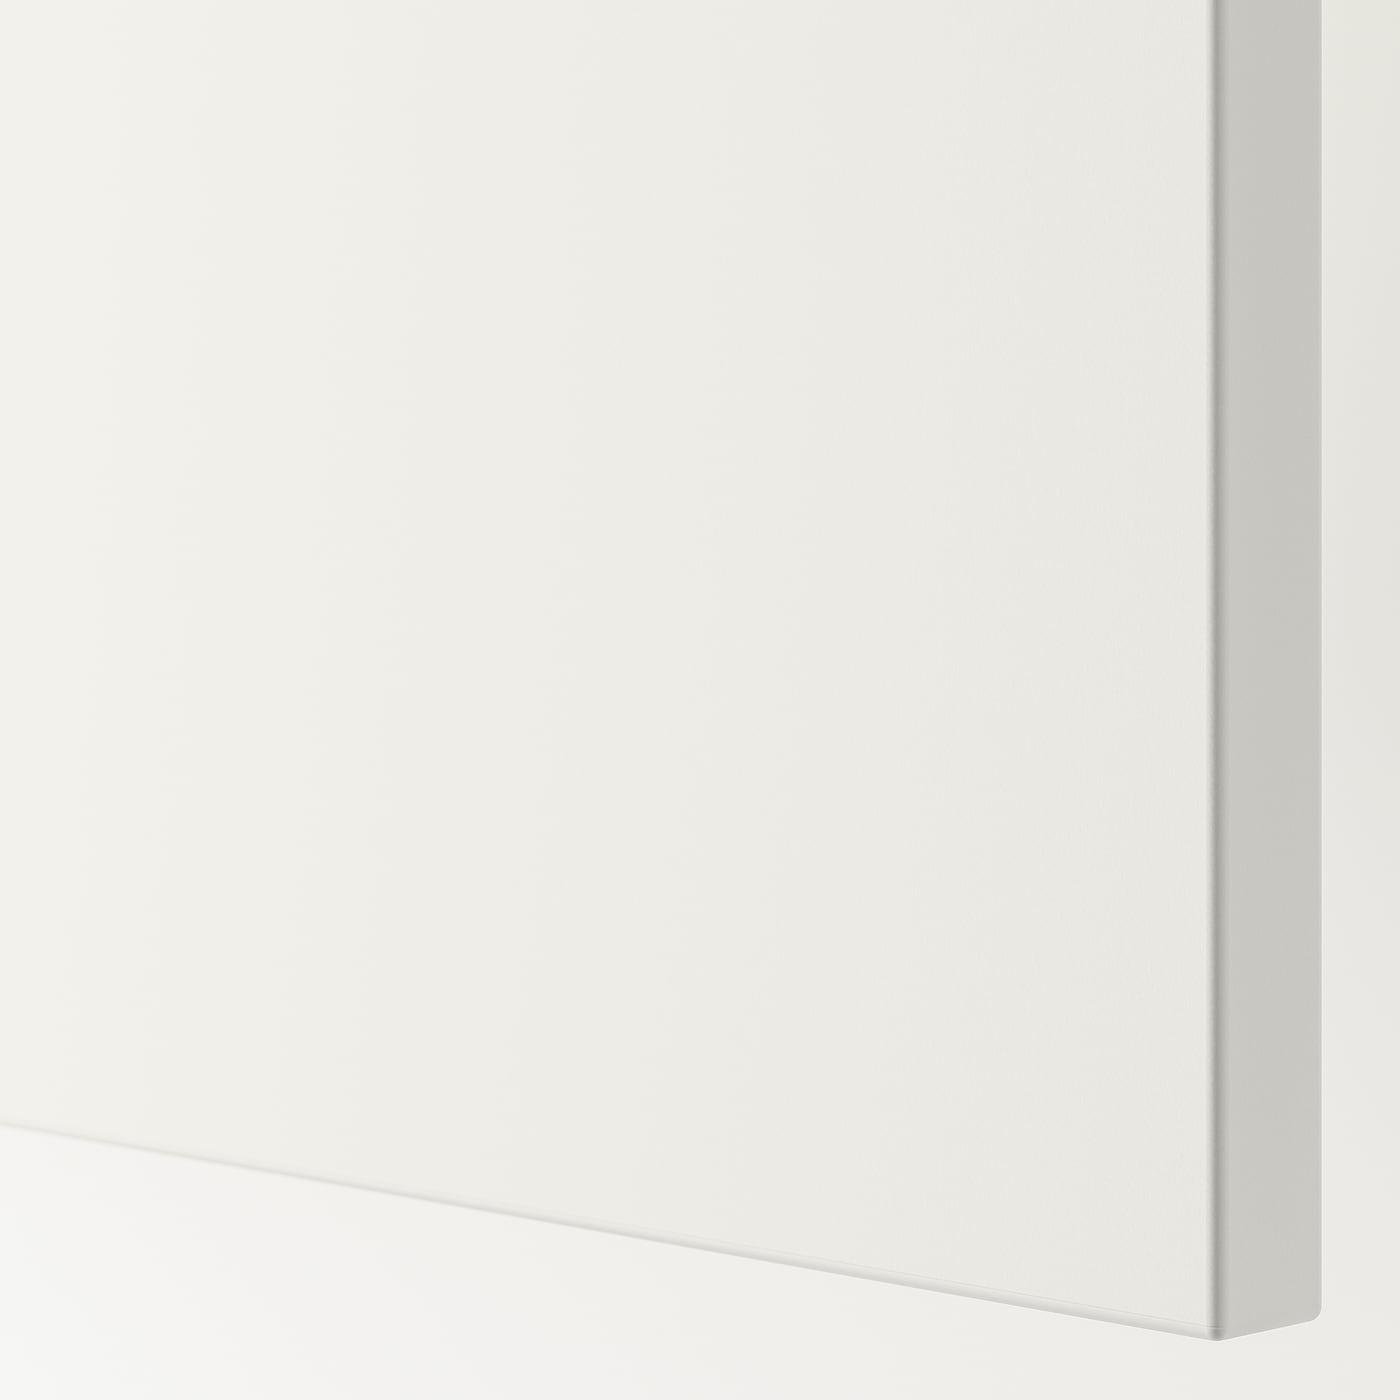 FONNES Tür mit Scharnier, weiß, 40x120 cm